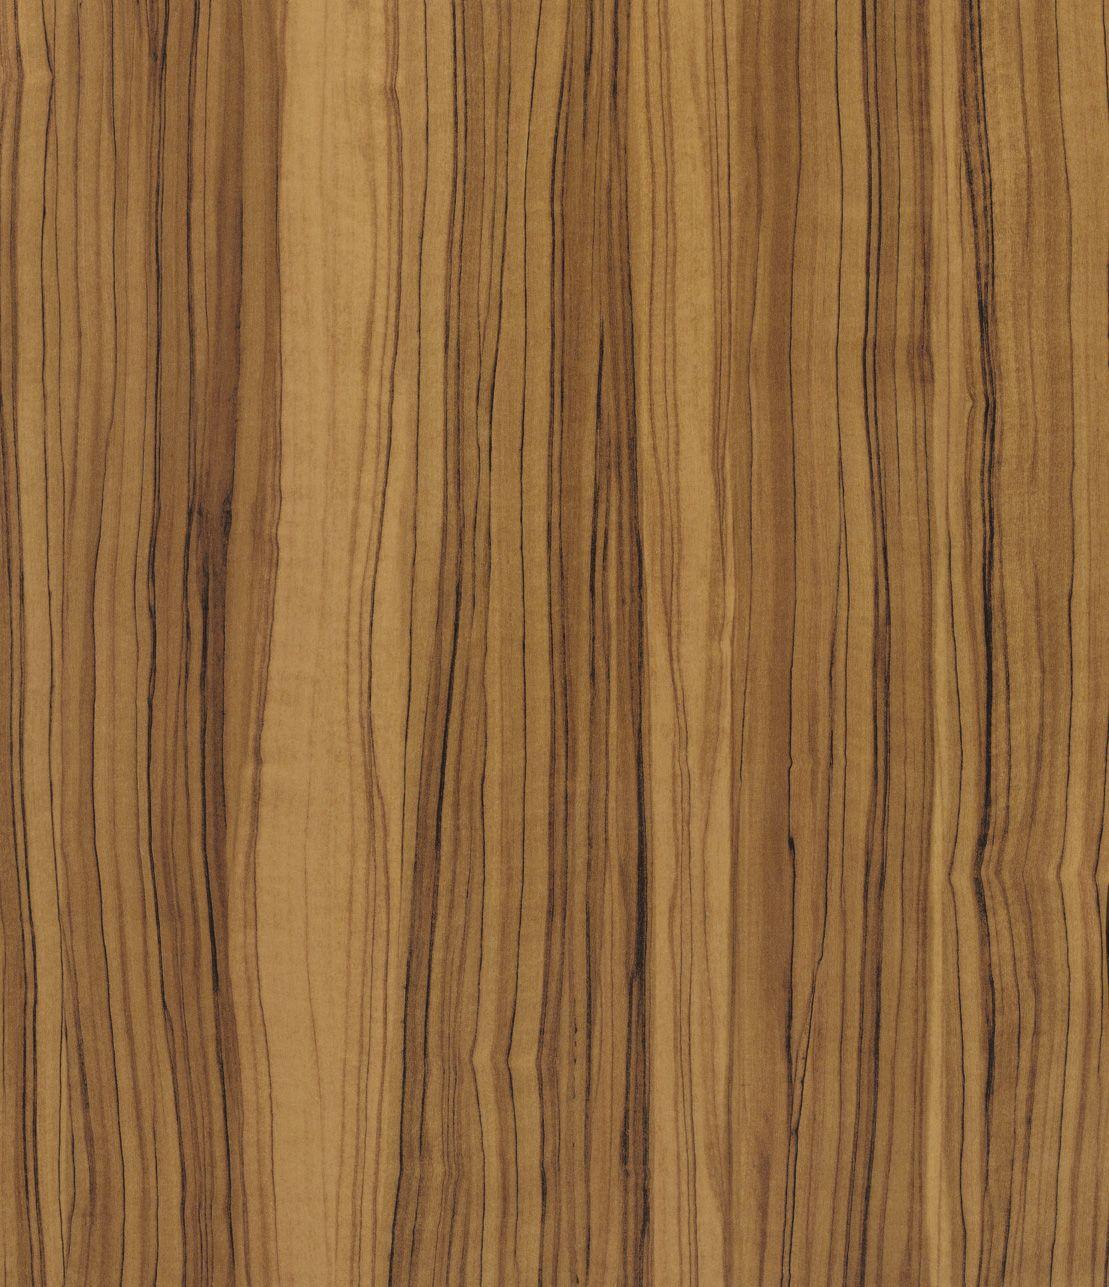 5481 oiled olivewood laminate